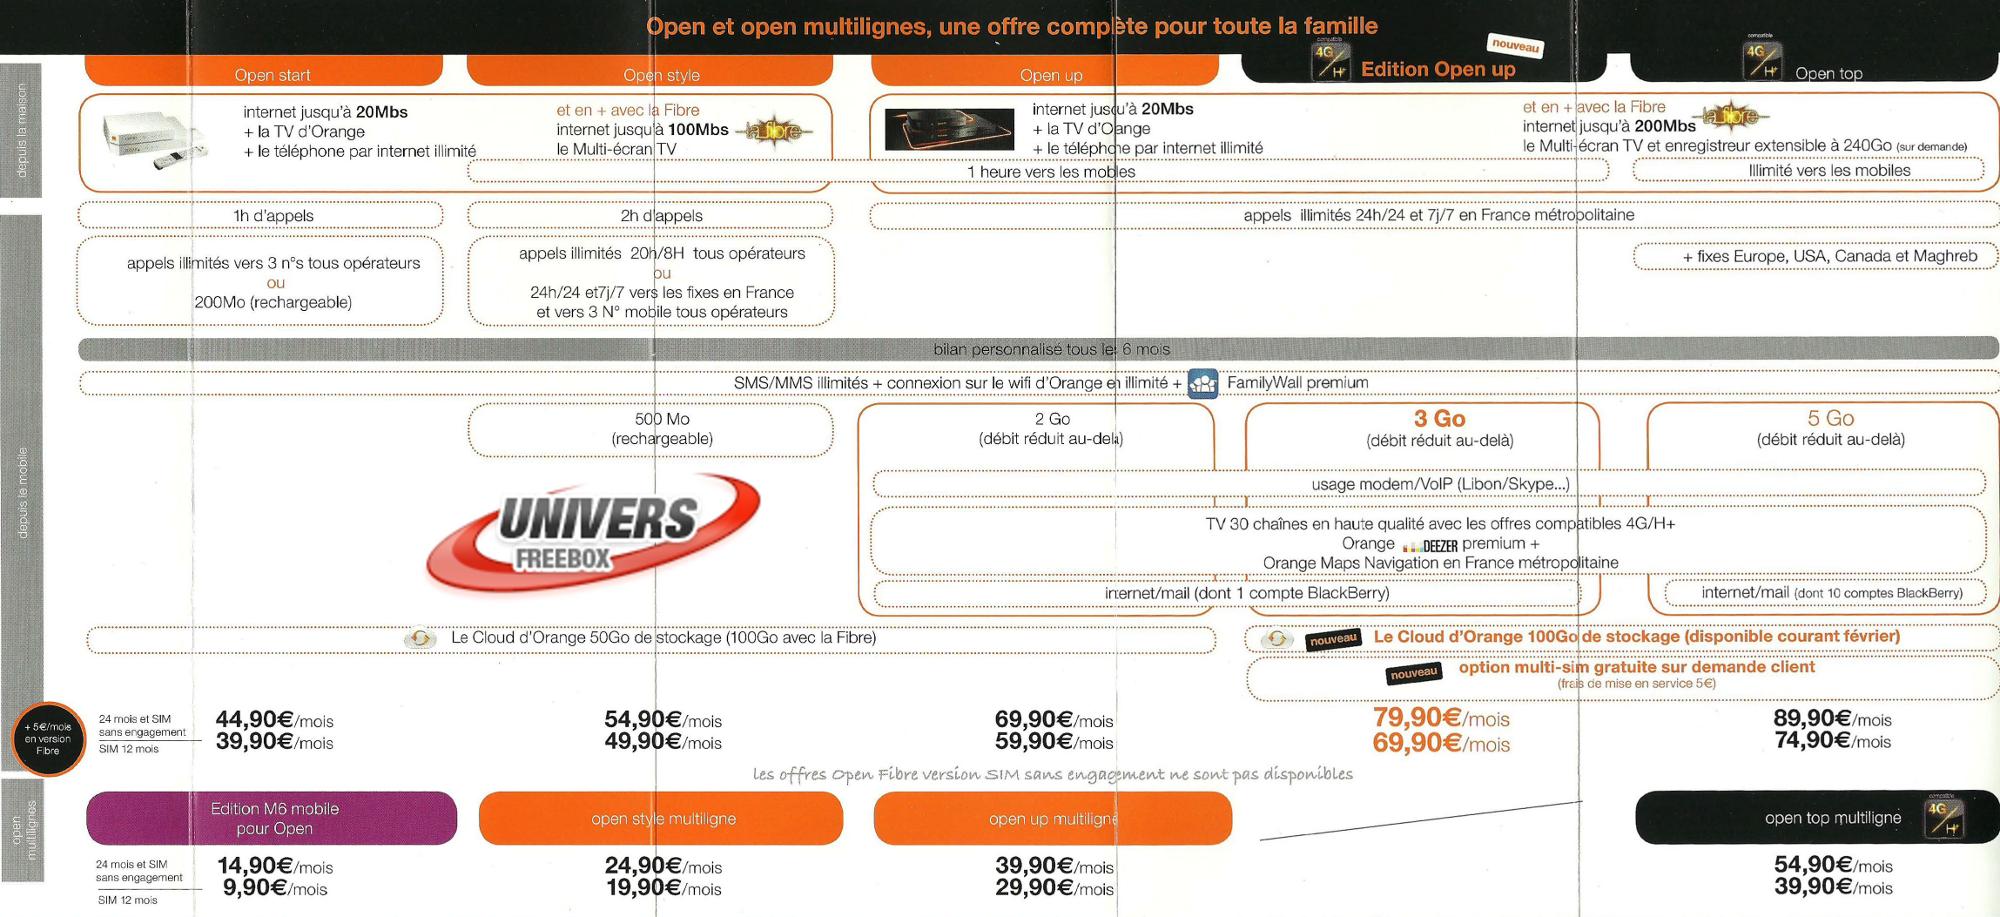 [Comparatif] Offres Quadruplay des FAI - Page 4 Universfreebox-exclu-liveboxplay%282%29